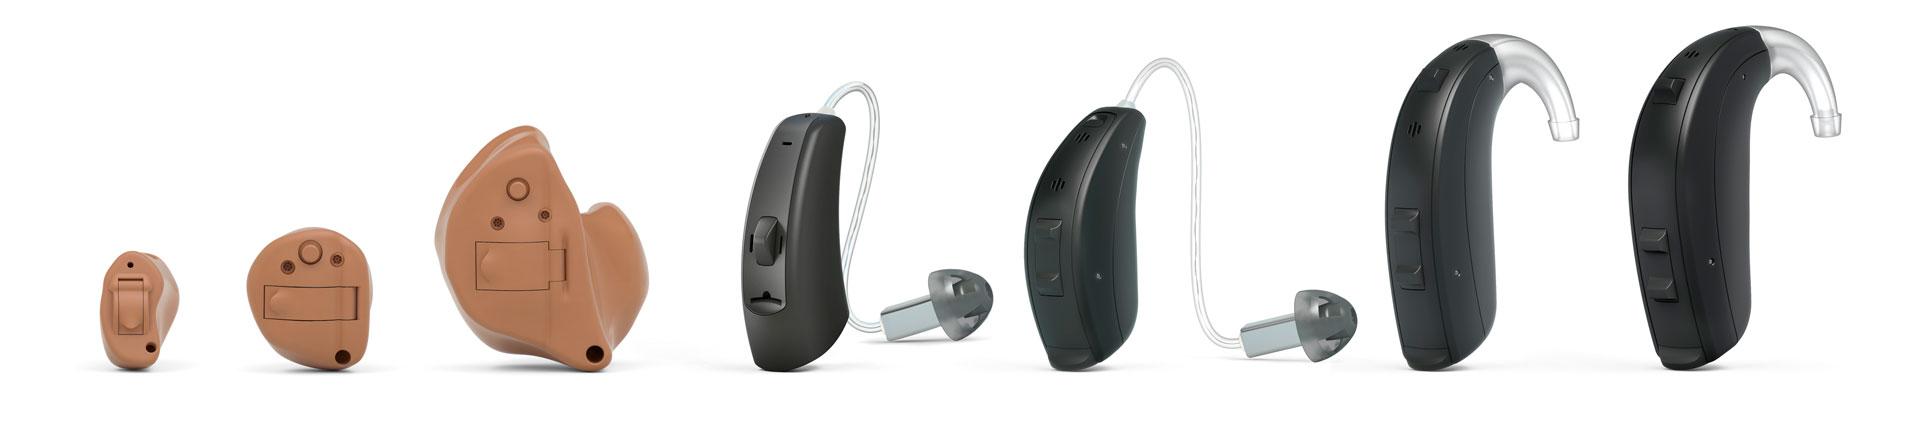 Hörlösungen von klein bis klitze-klein, von hinter dem Ohr bis in dem Ohr.